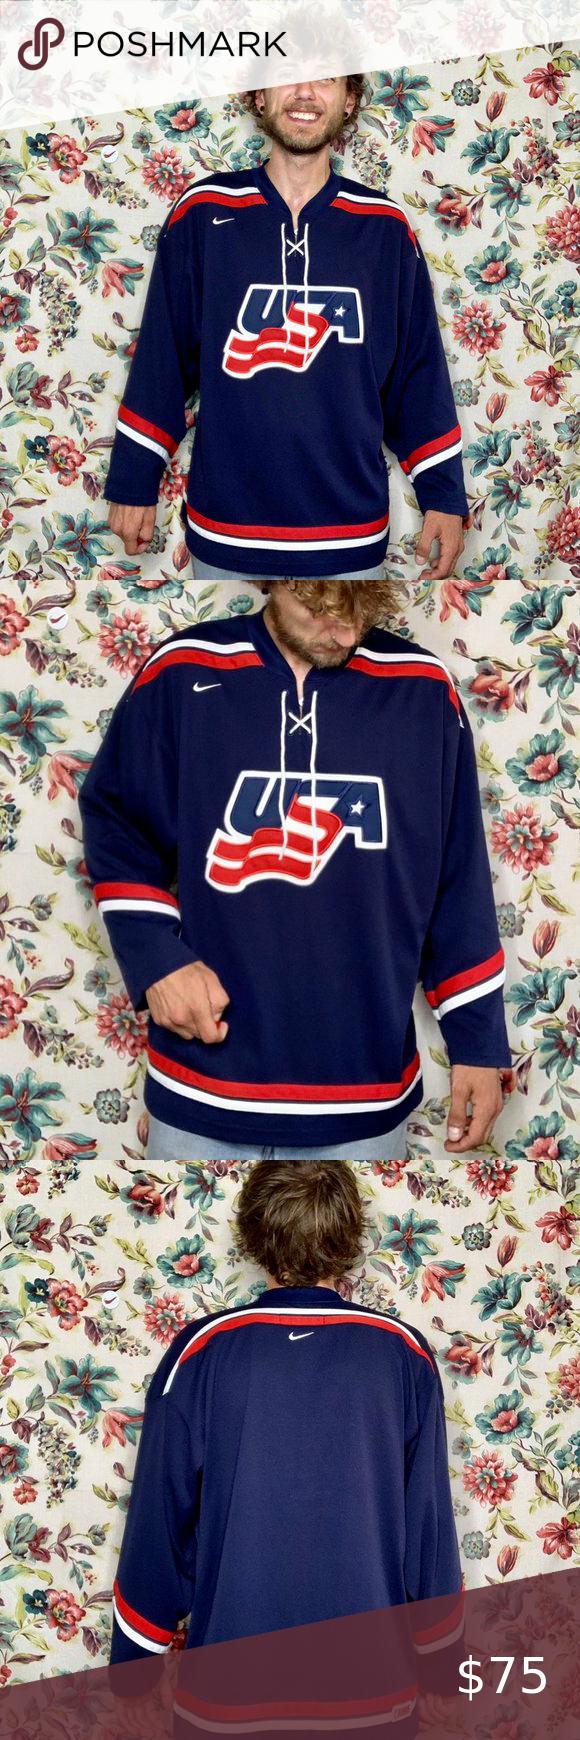 90s Nike Usa Hockey Jersey Olympics In 2020 Usa Hockey Jersey Usa Hockey Hockey Jersey